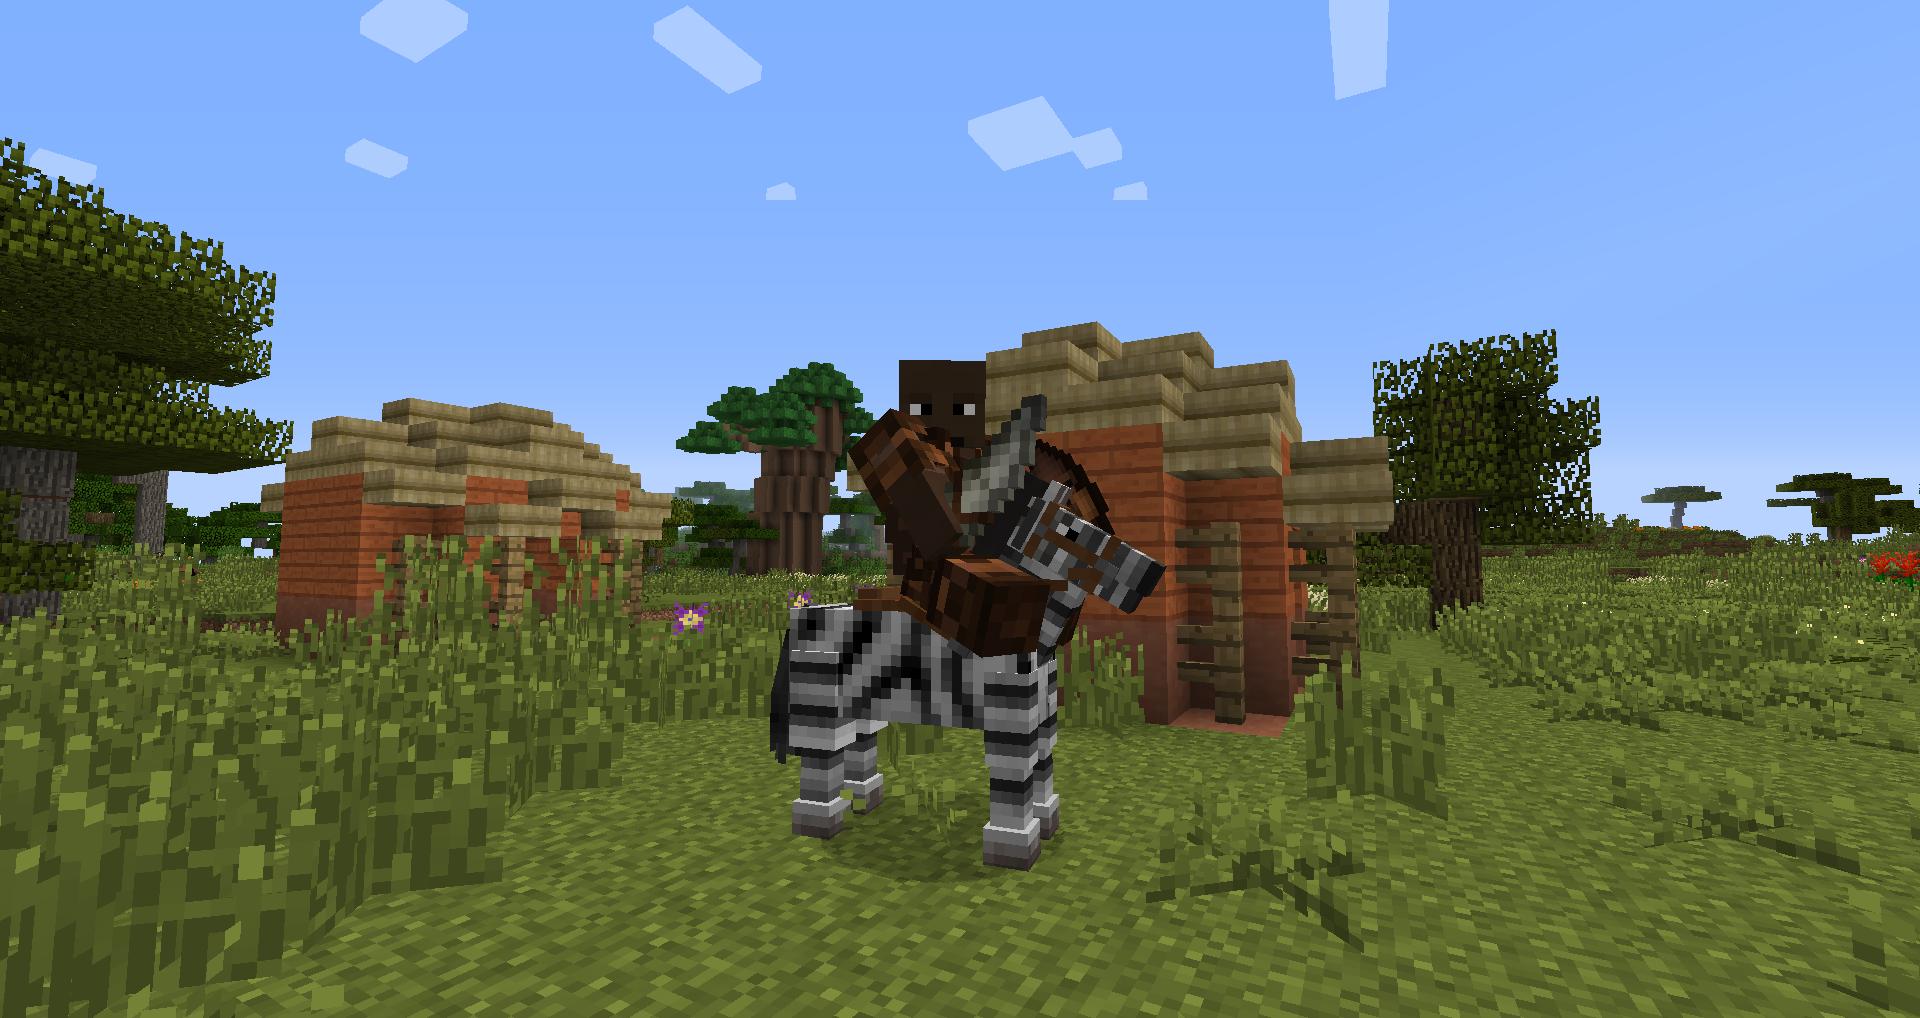 Morwaith Zebra Rider